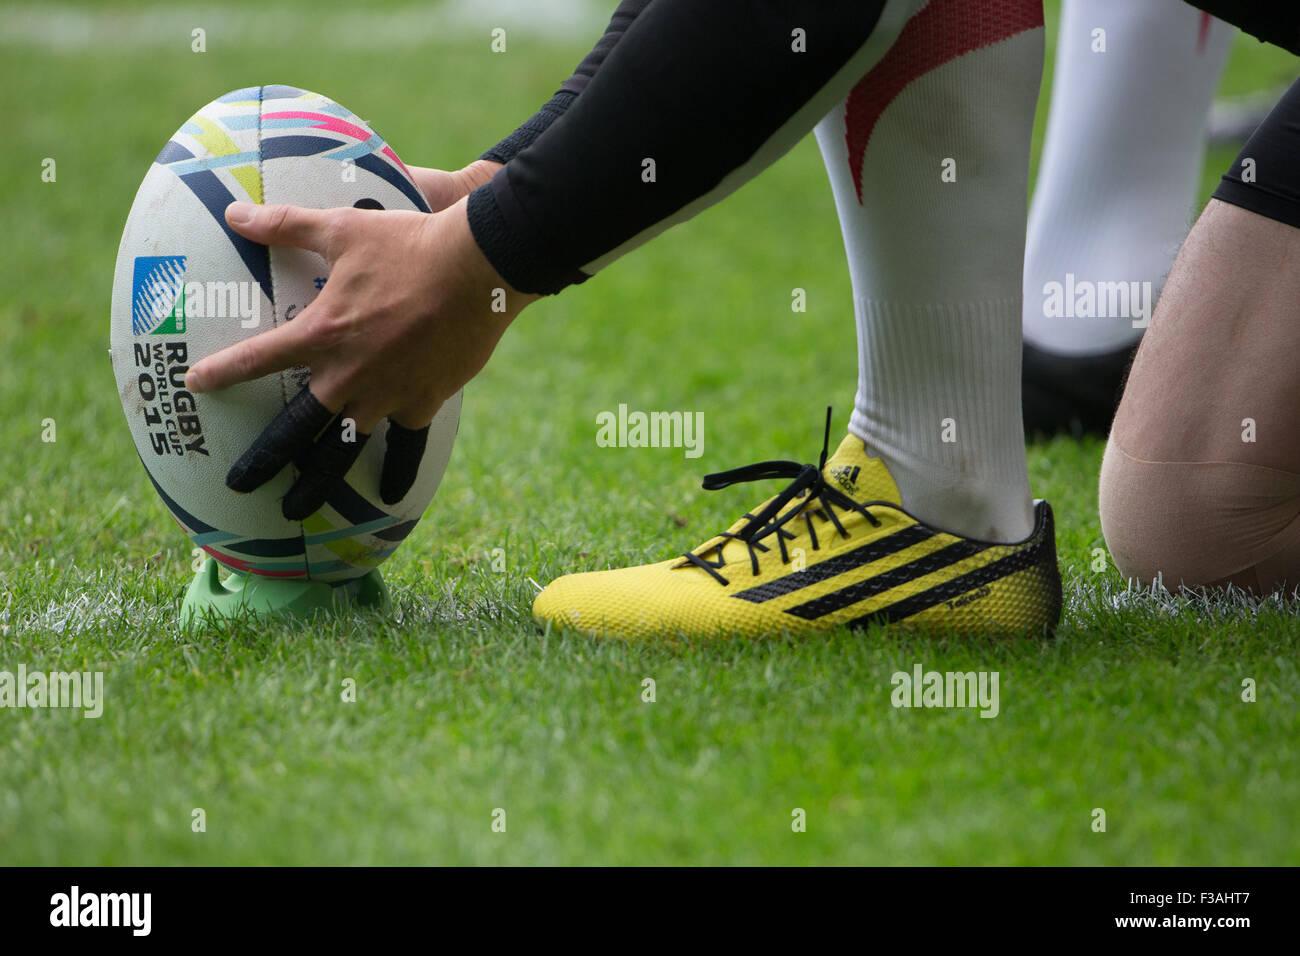 Estadio MK, Milton Keynes, Reino Unido. 3 Oct 2015. La Rugby World Cup 2015 Match 24 - Samoa V en Japón. Crédito: Imagen De Stock